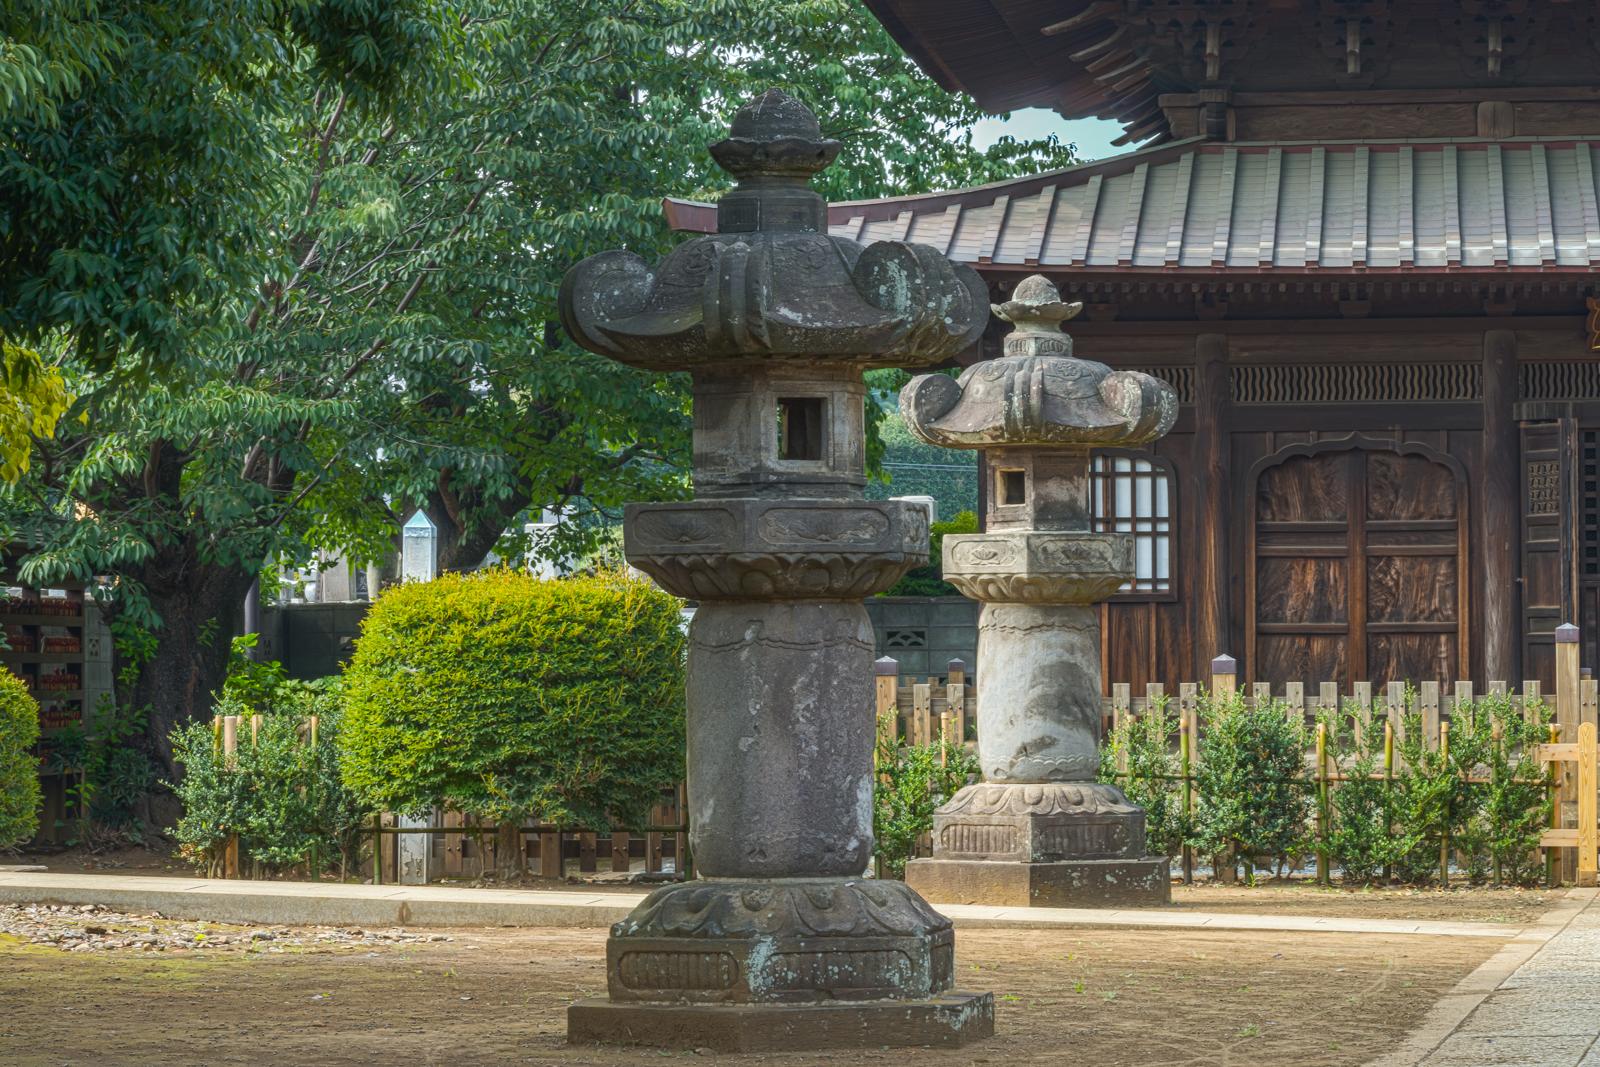 千体地蔵堂前の石灯籠の写真